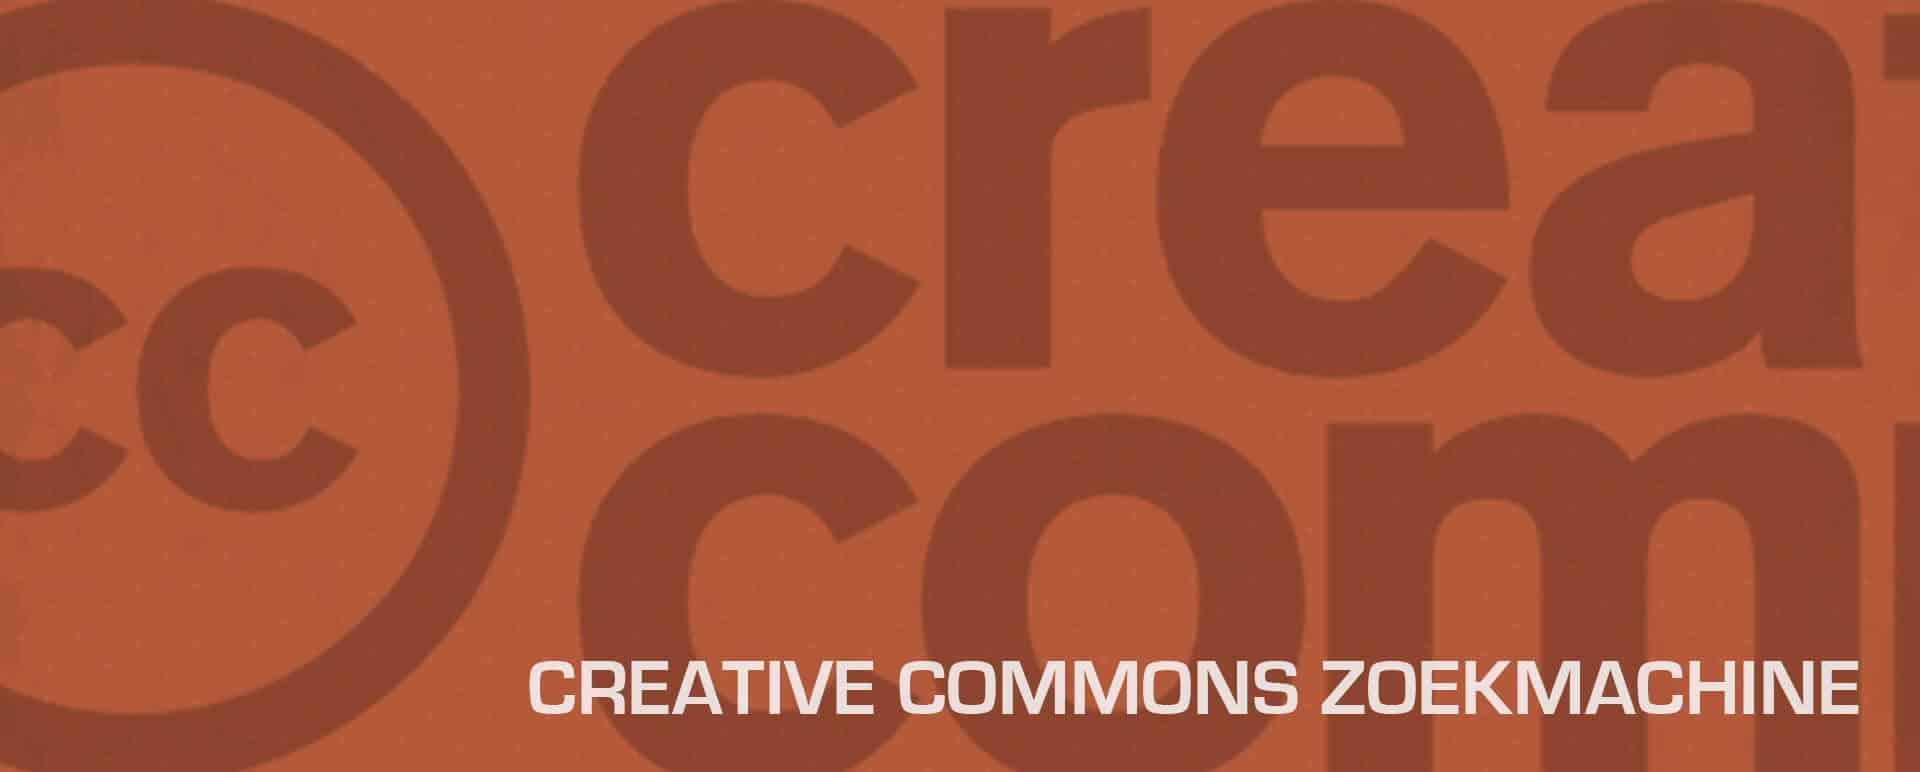 Gratis afbeeldingen zoeken met de Creative Commons Zoekmachine